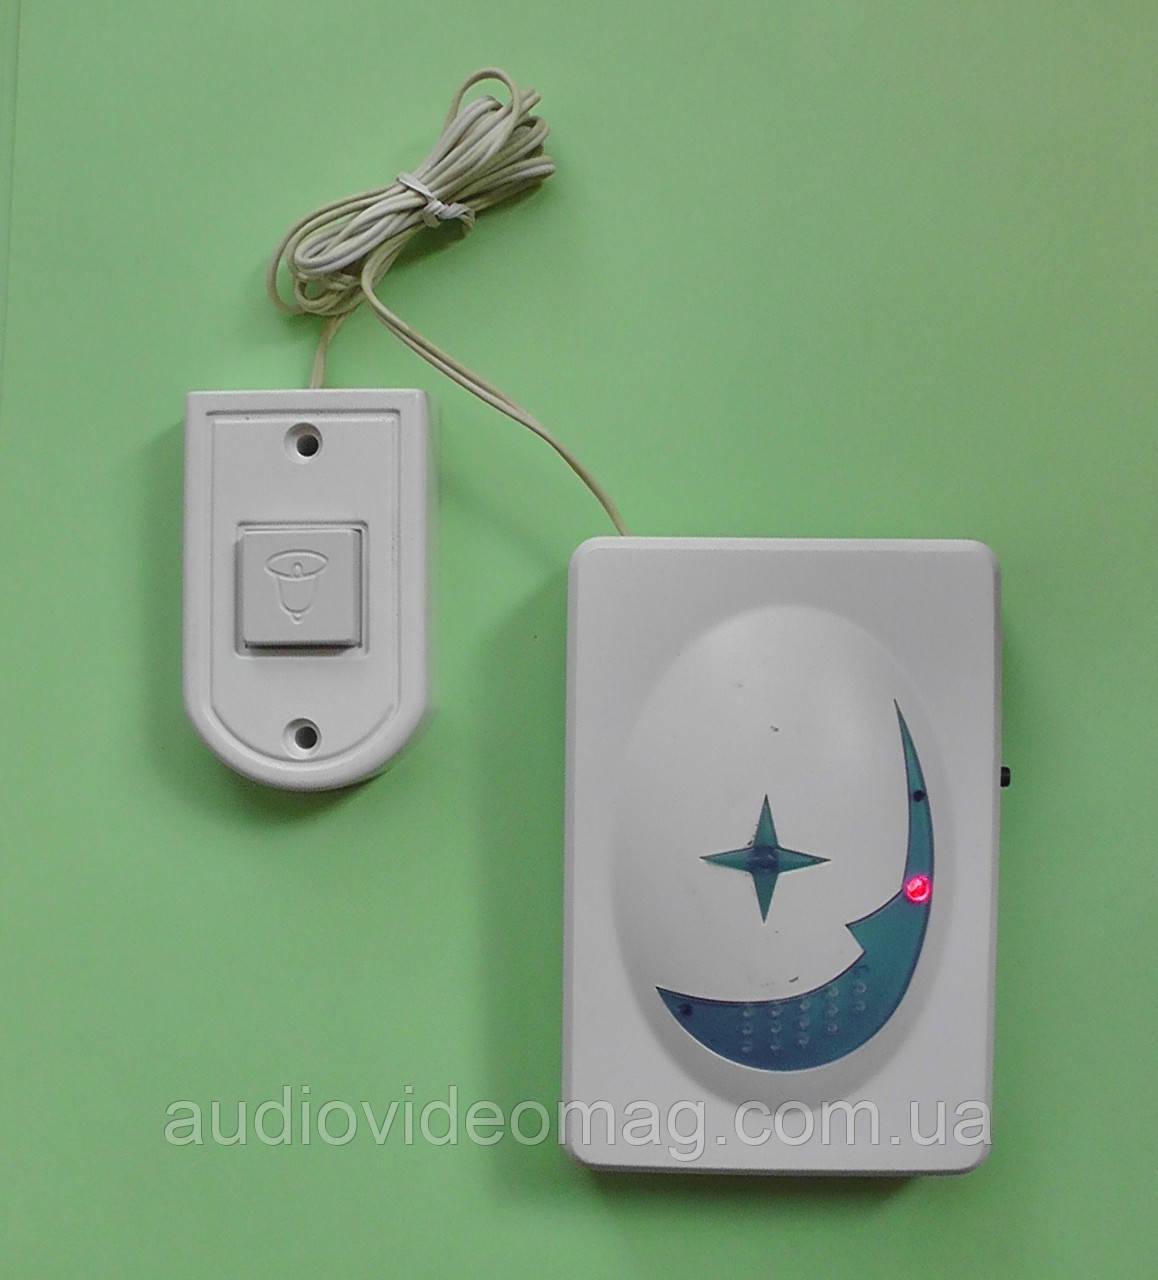 Звонок дверной с кнопкой на батарейках, 16 мелодий